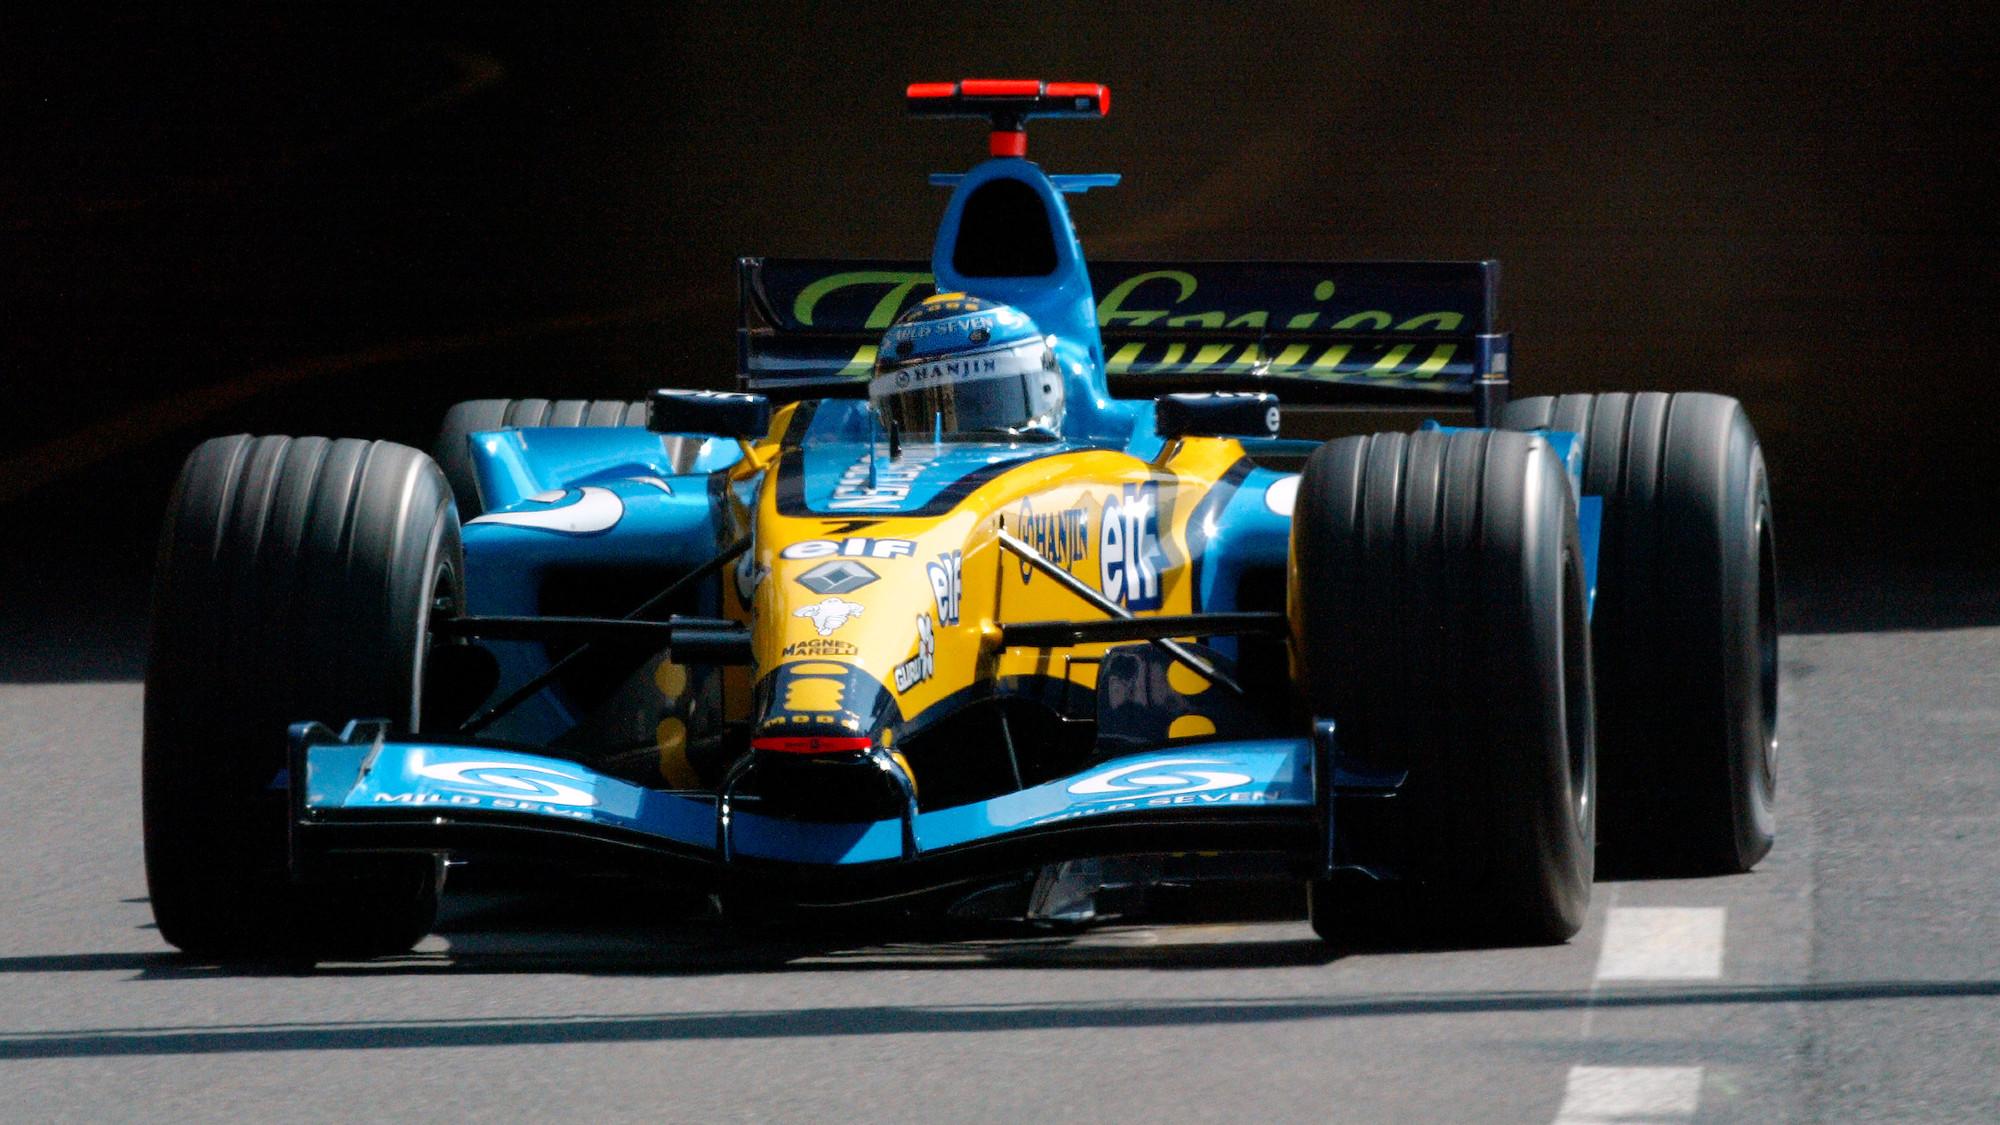 Jarno Trulli, 2004 Monaco GP